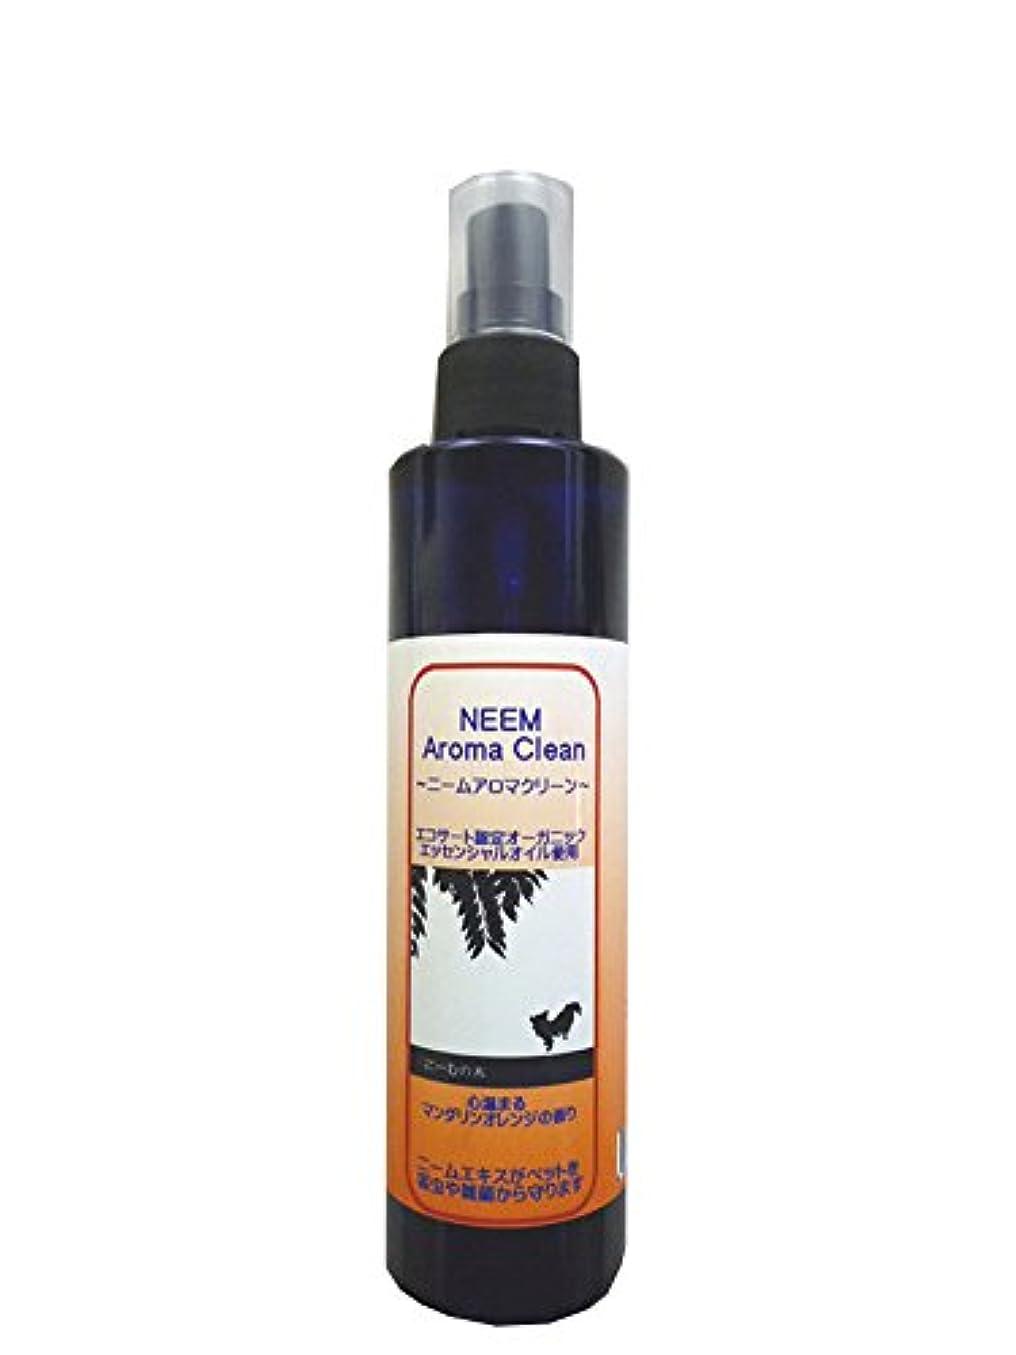 スペシャリスト是正する力強いニームアロマクリーン(マンダリンオレンジ) NEEM Aroma Clean 200ml 【BLOOM】【(ノミ?ダニ)駆除用としてもお使いいただけます。】